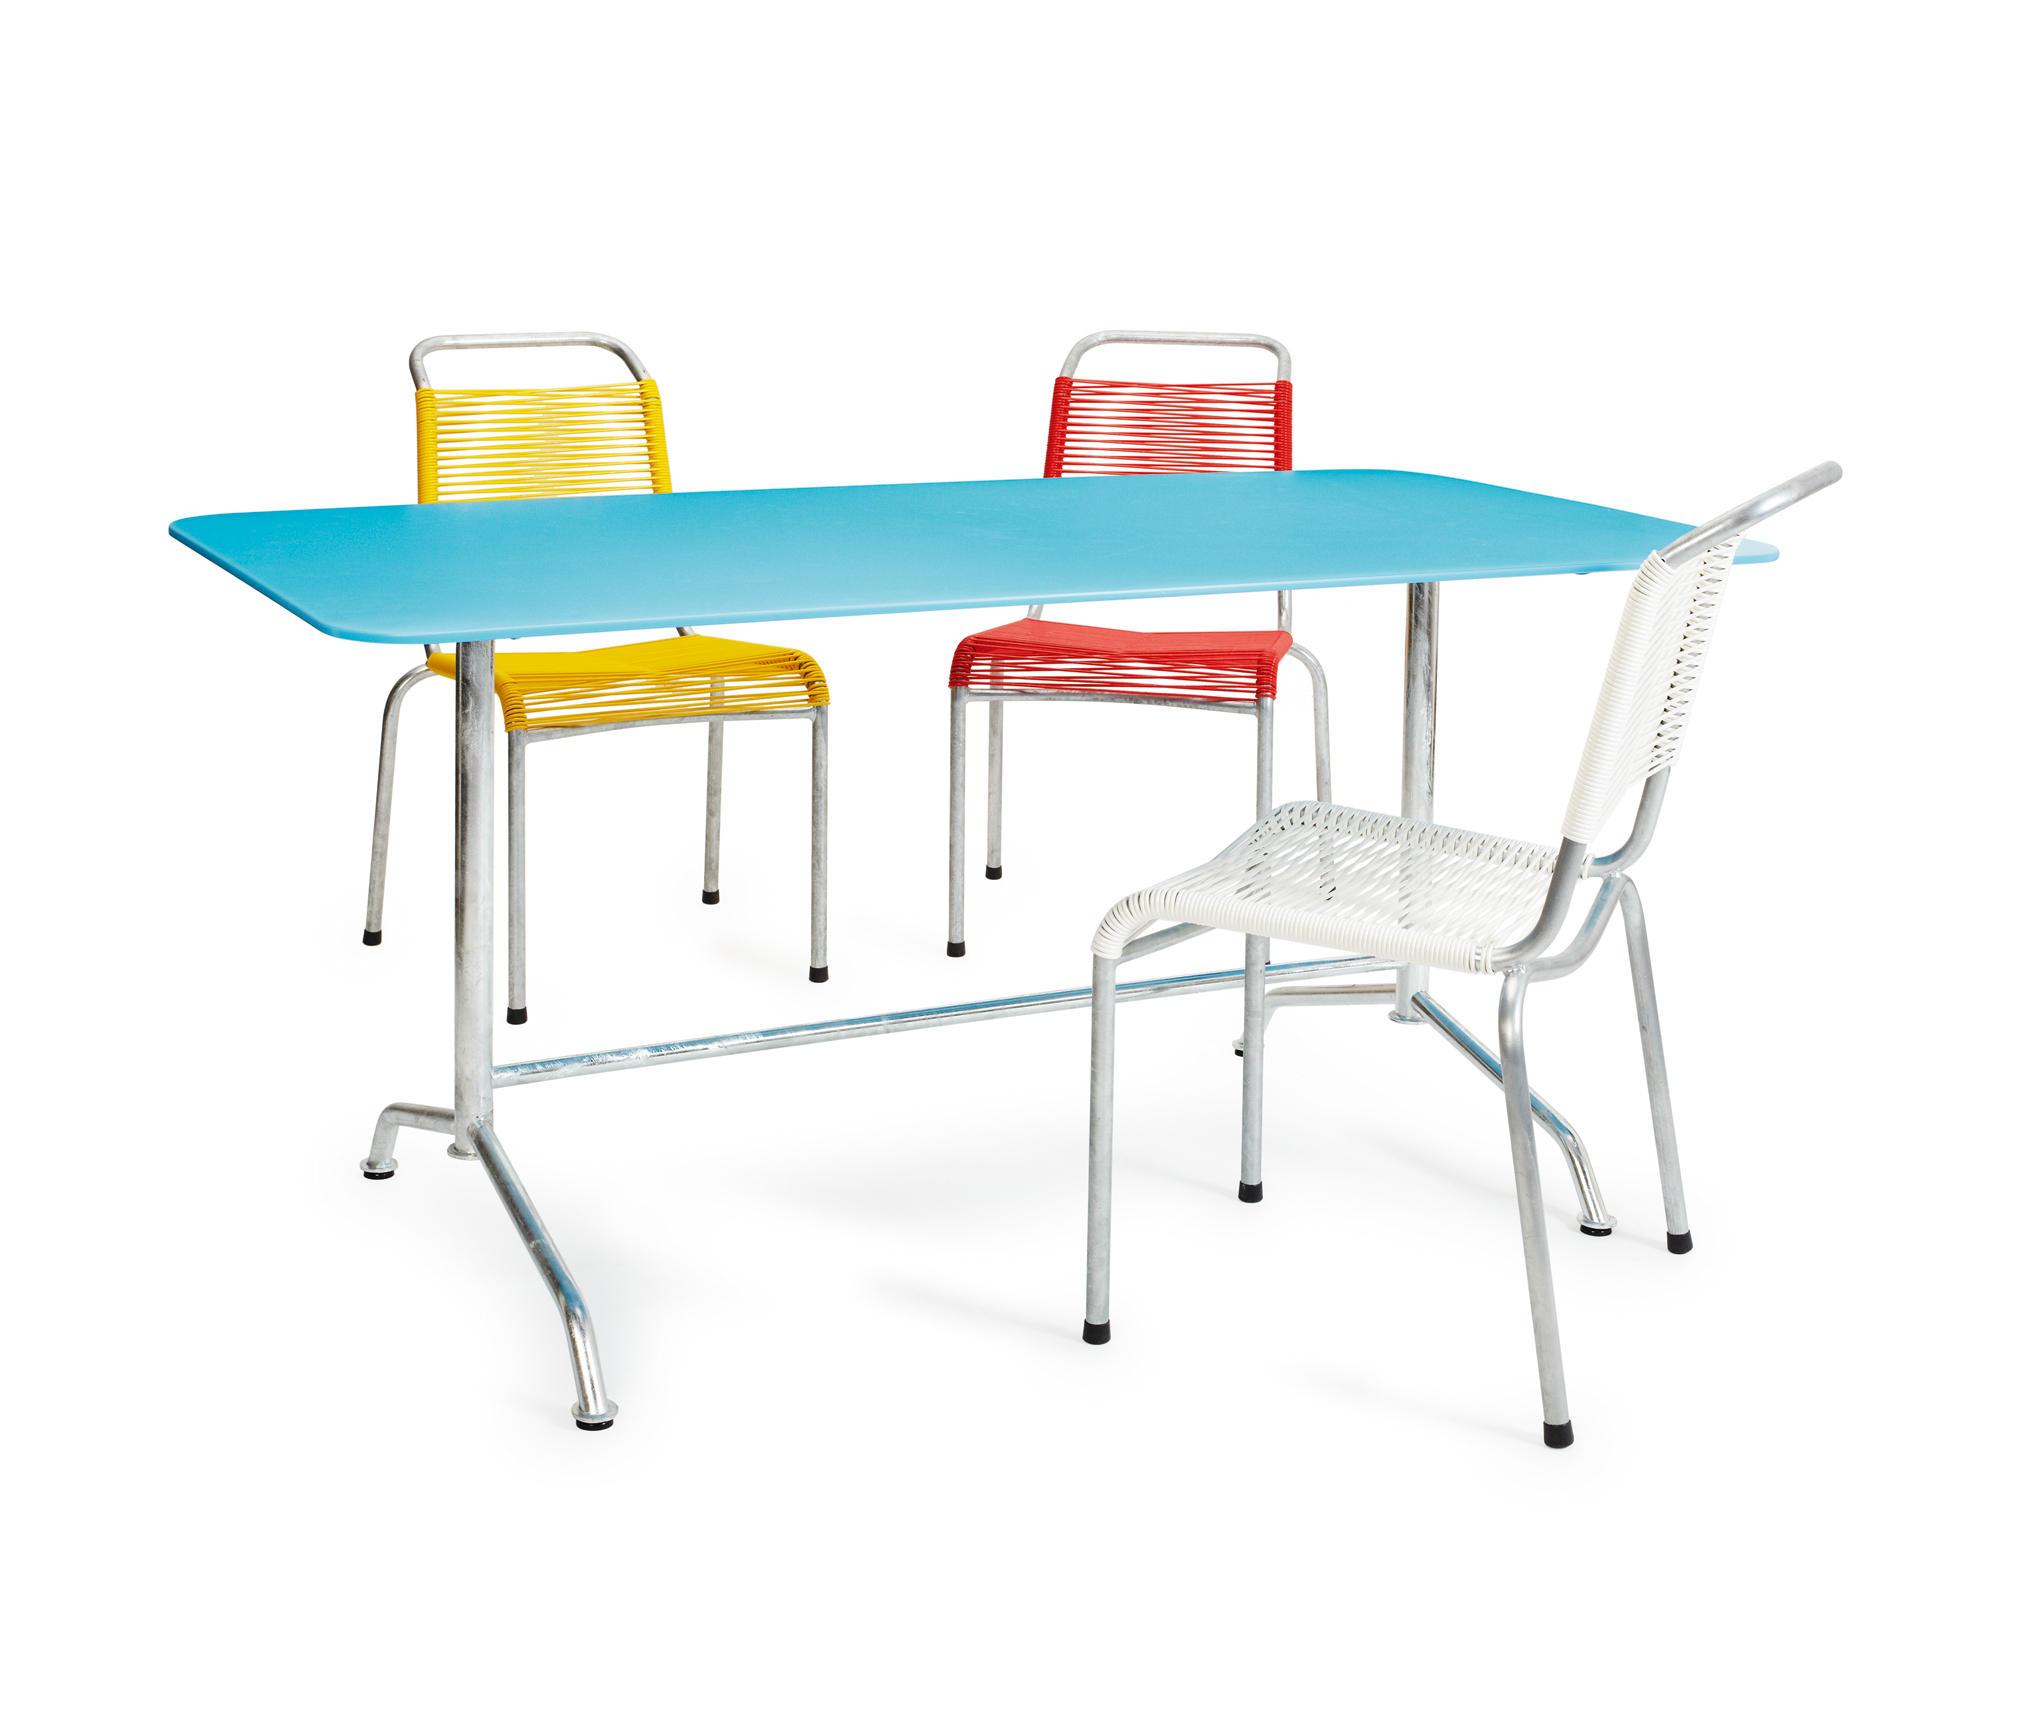 haefeli tisch 1109 dining tables from embru werke ag. Black Bedroom Furniture Sets. Home Design Ideas